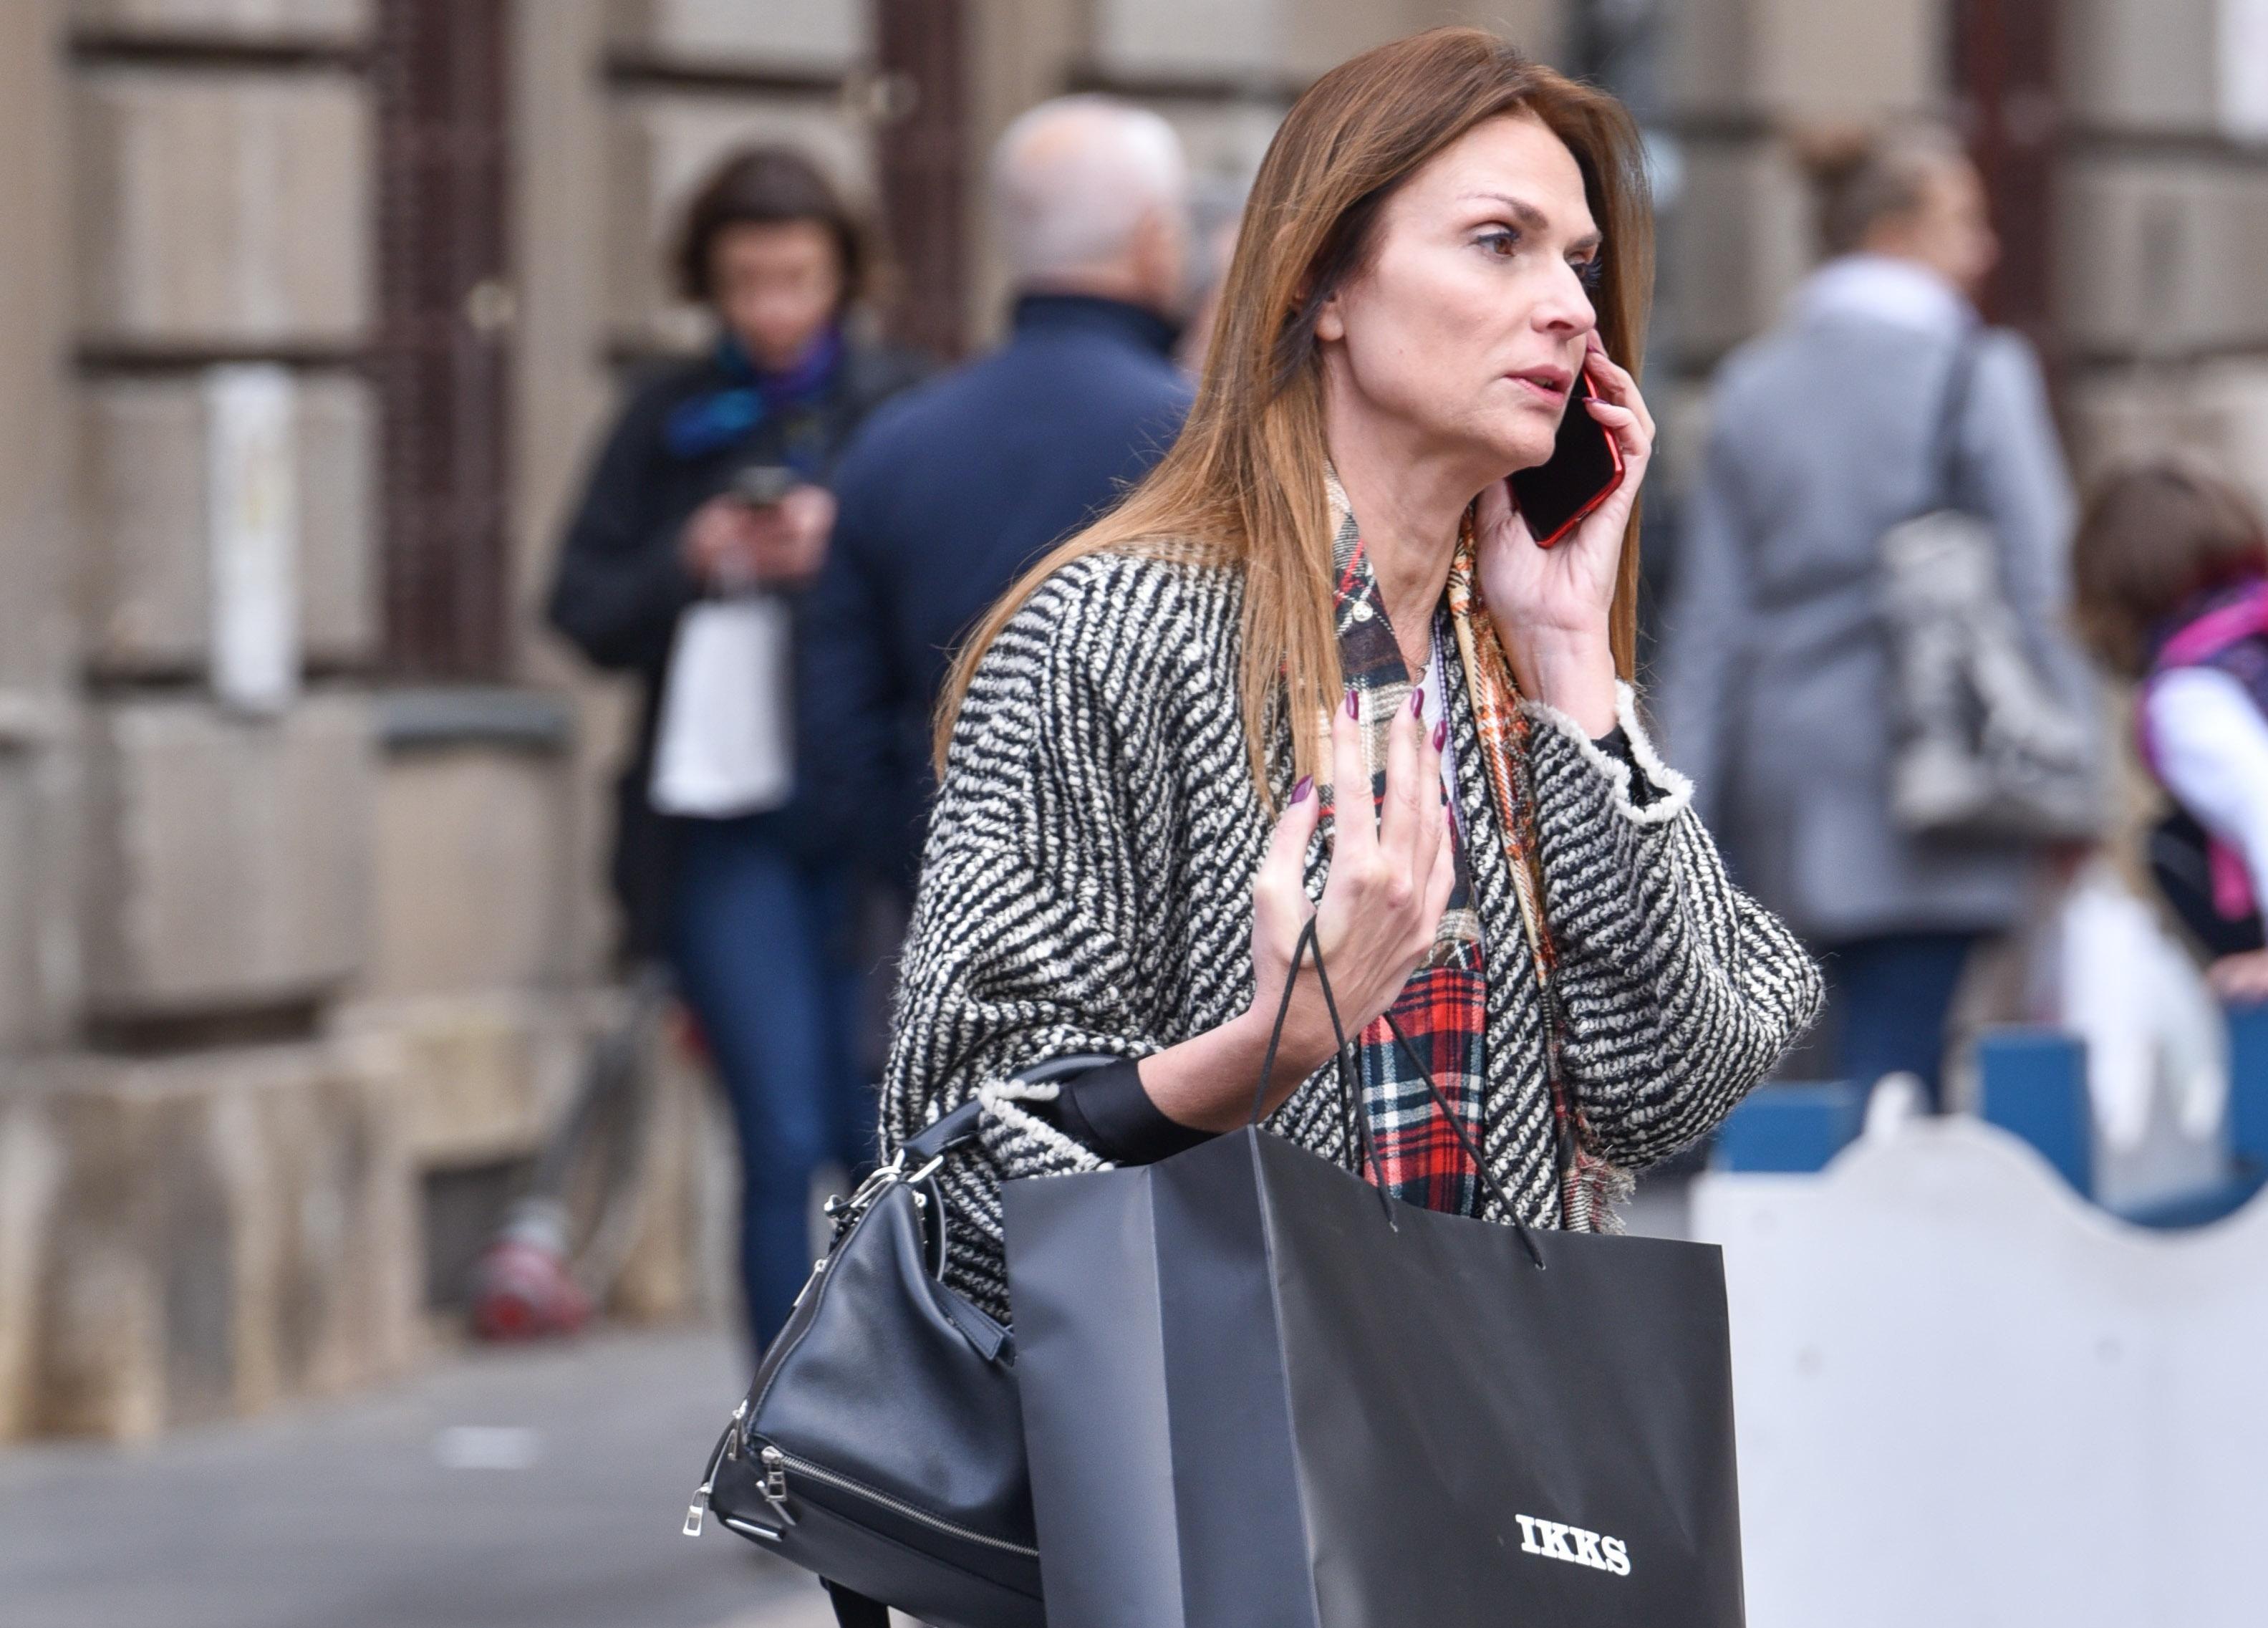 Kožne čizme na kožne hlače: Kombinacija u kojoj je ova dama sa špice bila prava frajerica